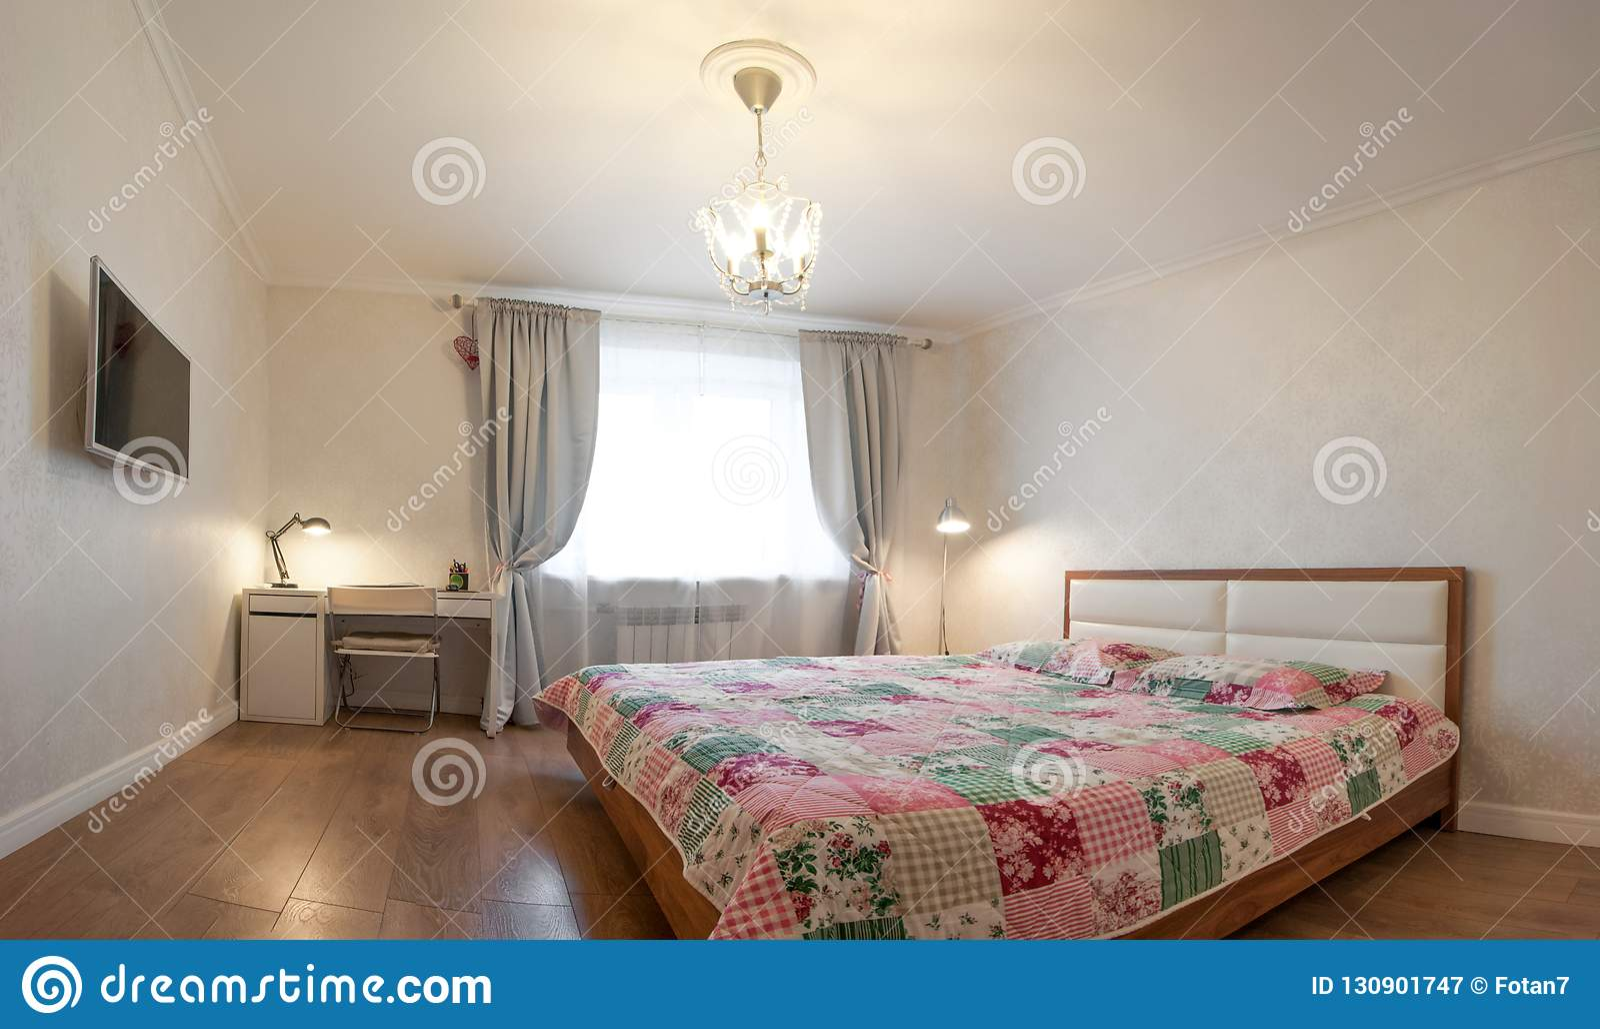 Moderne Wohnung In Den Weichen Warmen Farben Innenraum